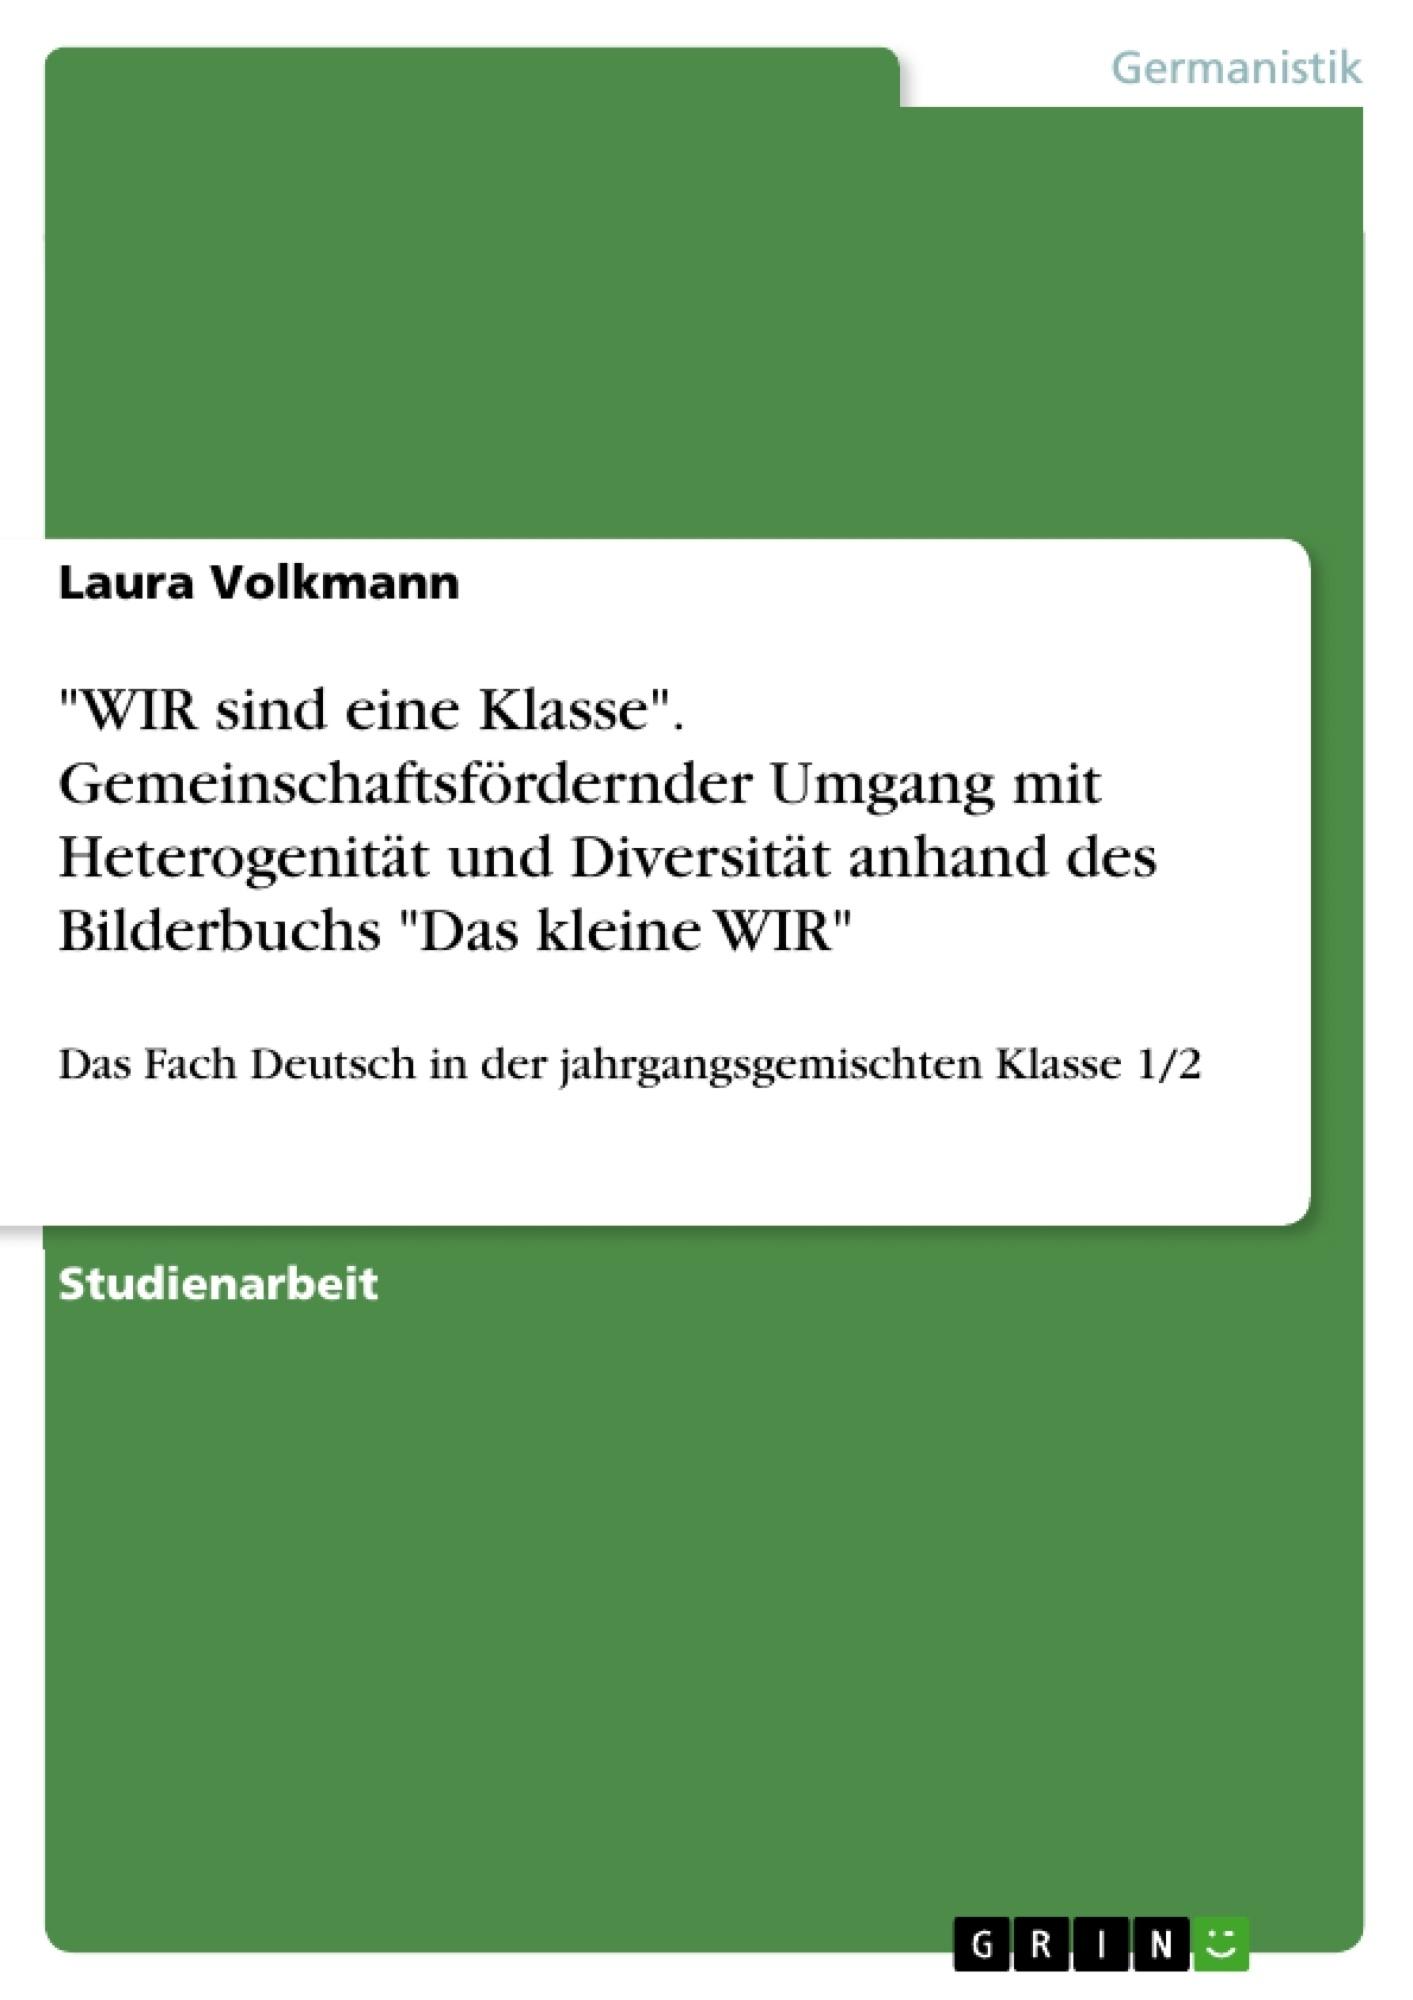 """Titel: """"WIR sind eine Klasse"""". Gemeinschaftsfördernder Umgang mit Heterogenität und Diversität anhand des Bilderbuchs """"Das kleine WIR"""""""